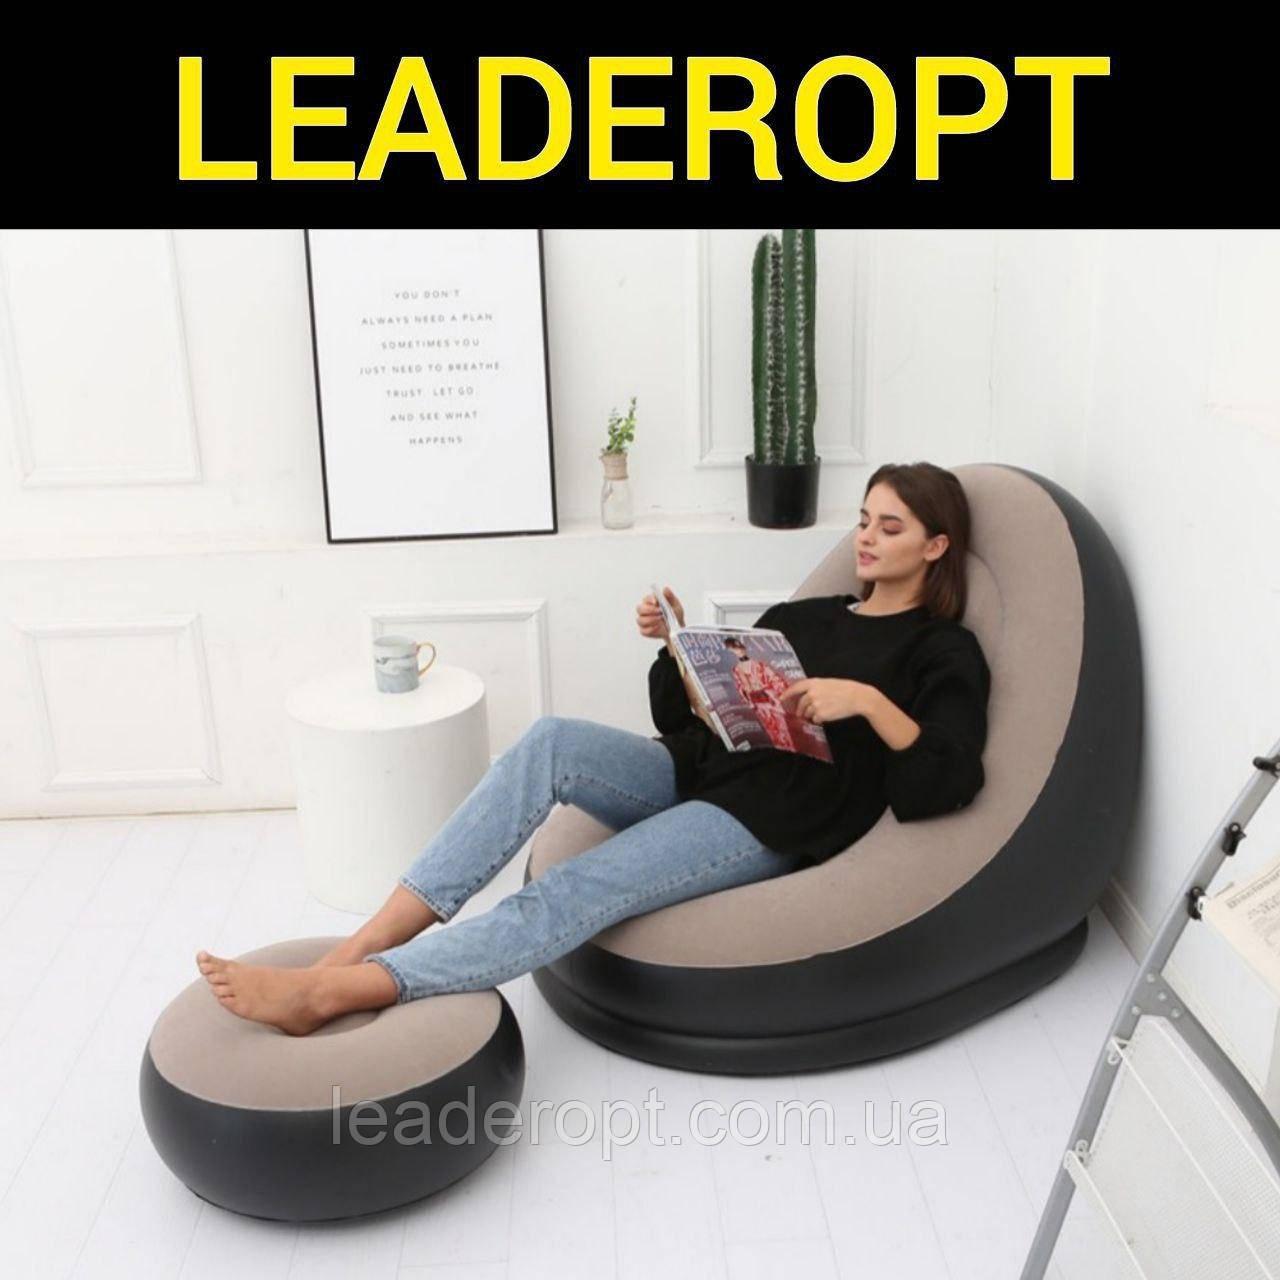 ОПТ Надувне вінілове крісло з пуфом Intex Air Sofa з флокированним покриттям і насосом